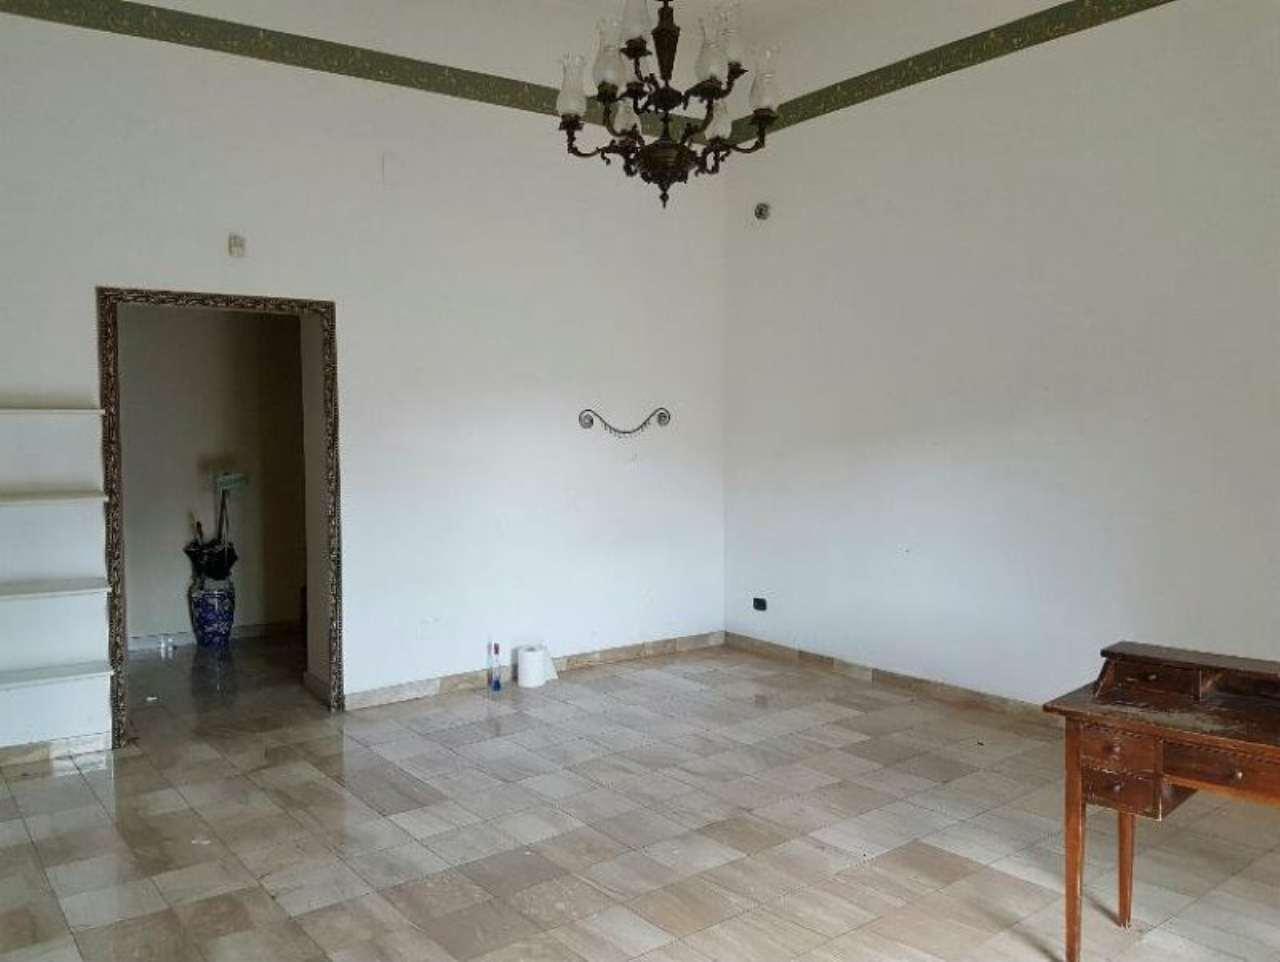 Negozio / Locale in affitto a Pozzuoli, 1 locali, prezzo € 580 | CambioCasa.it